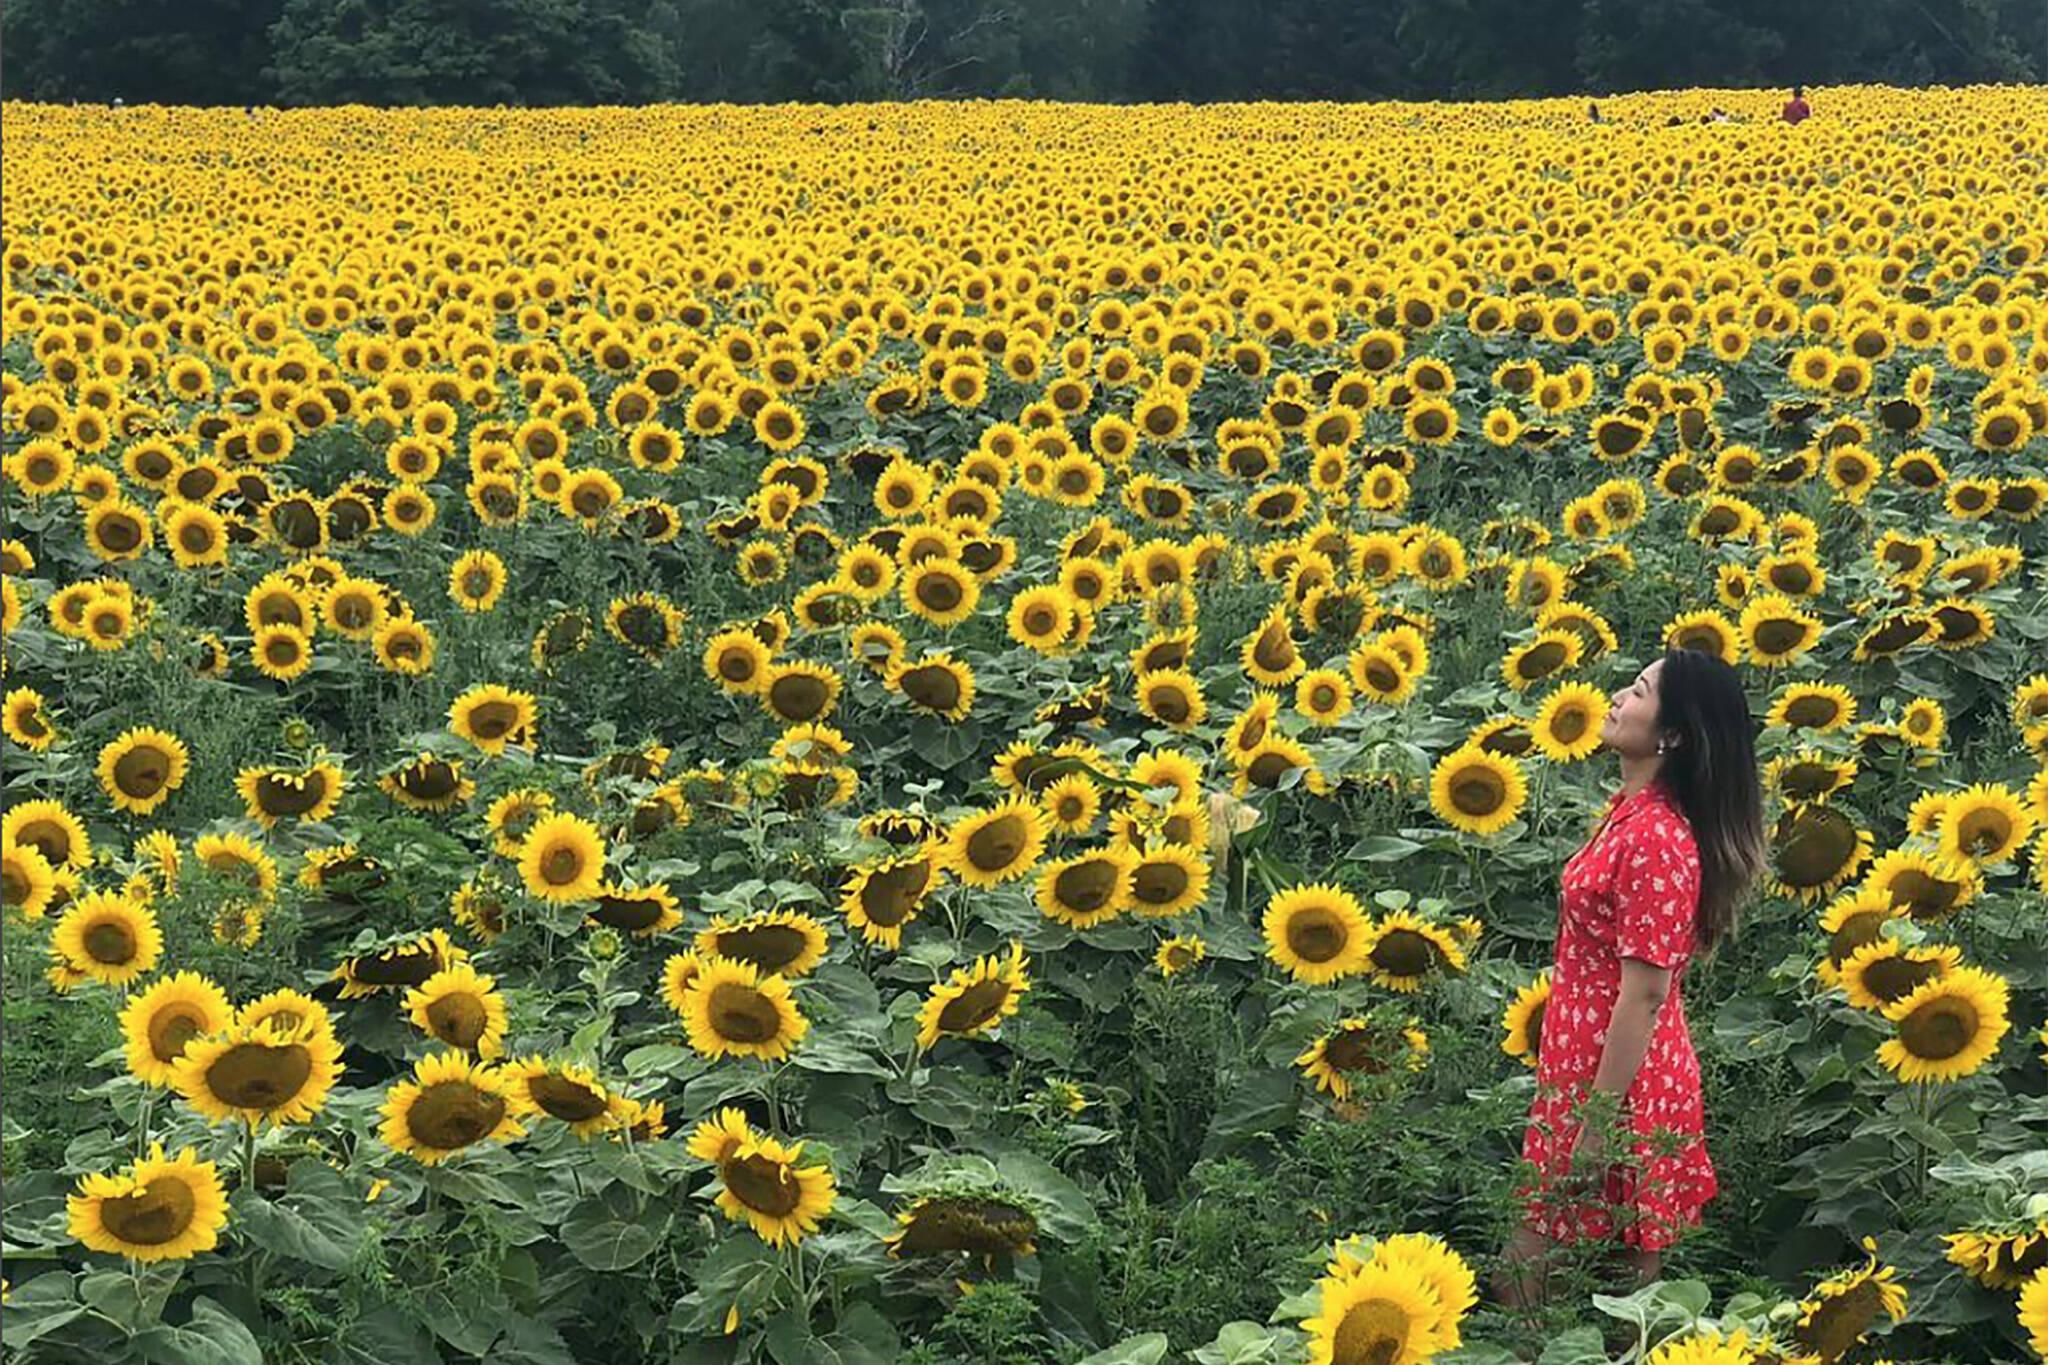 sunflower field toronto